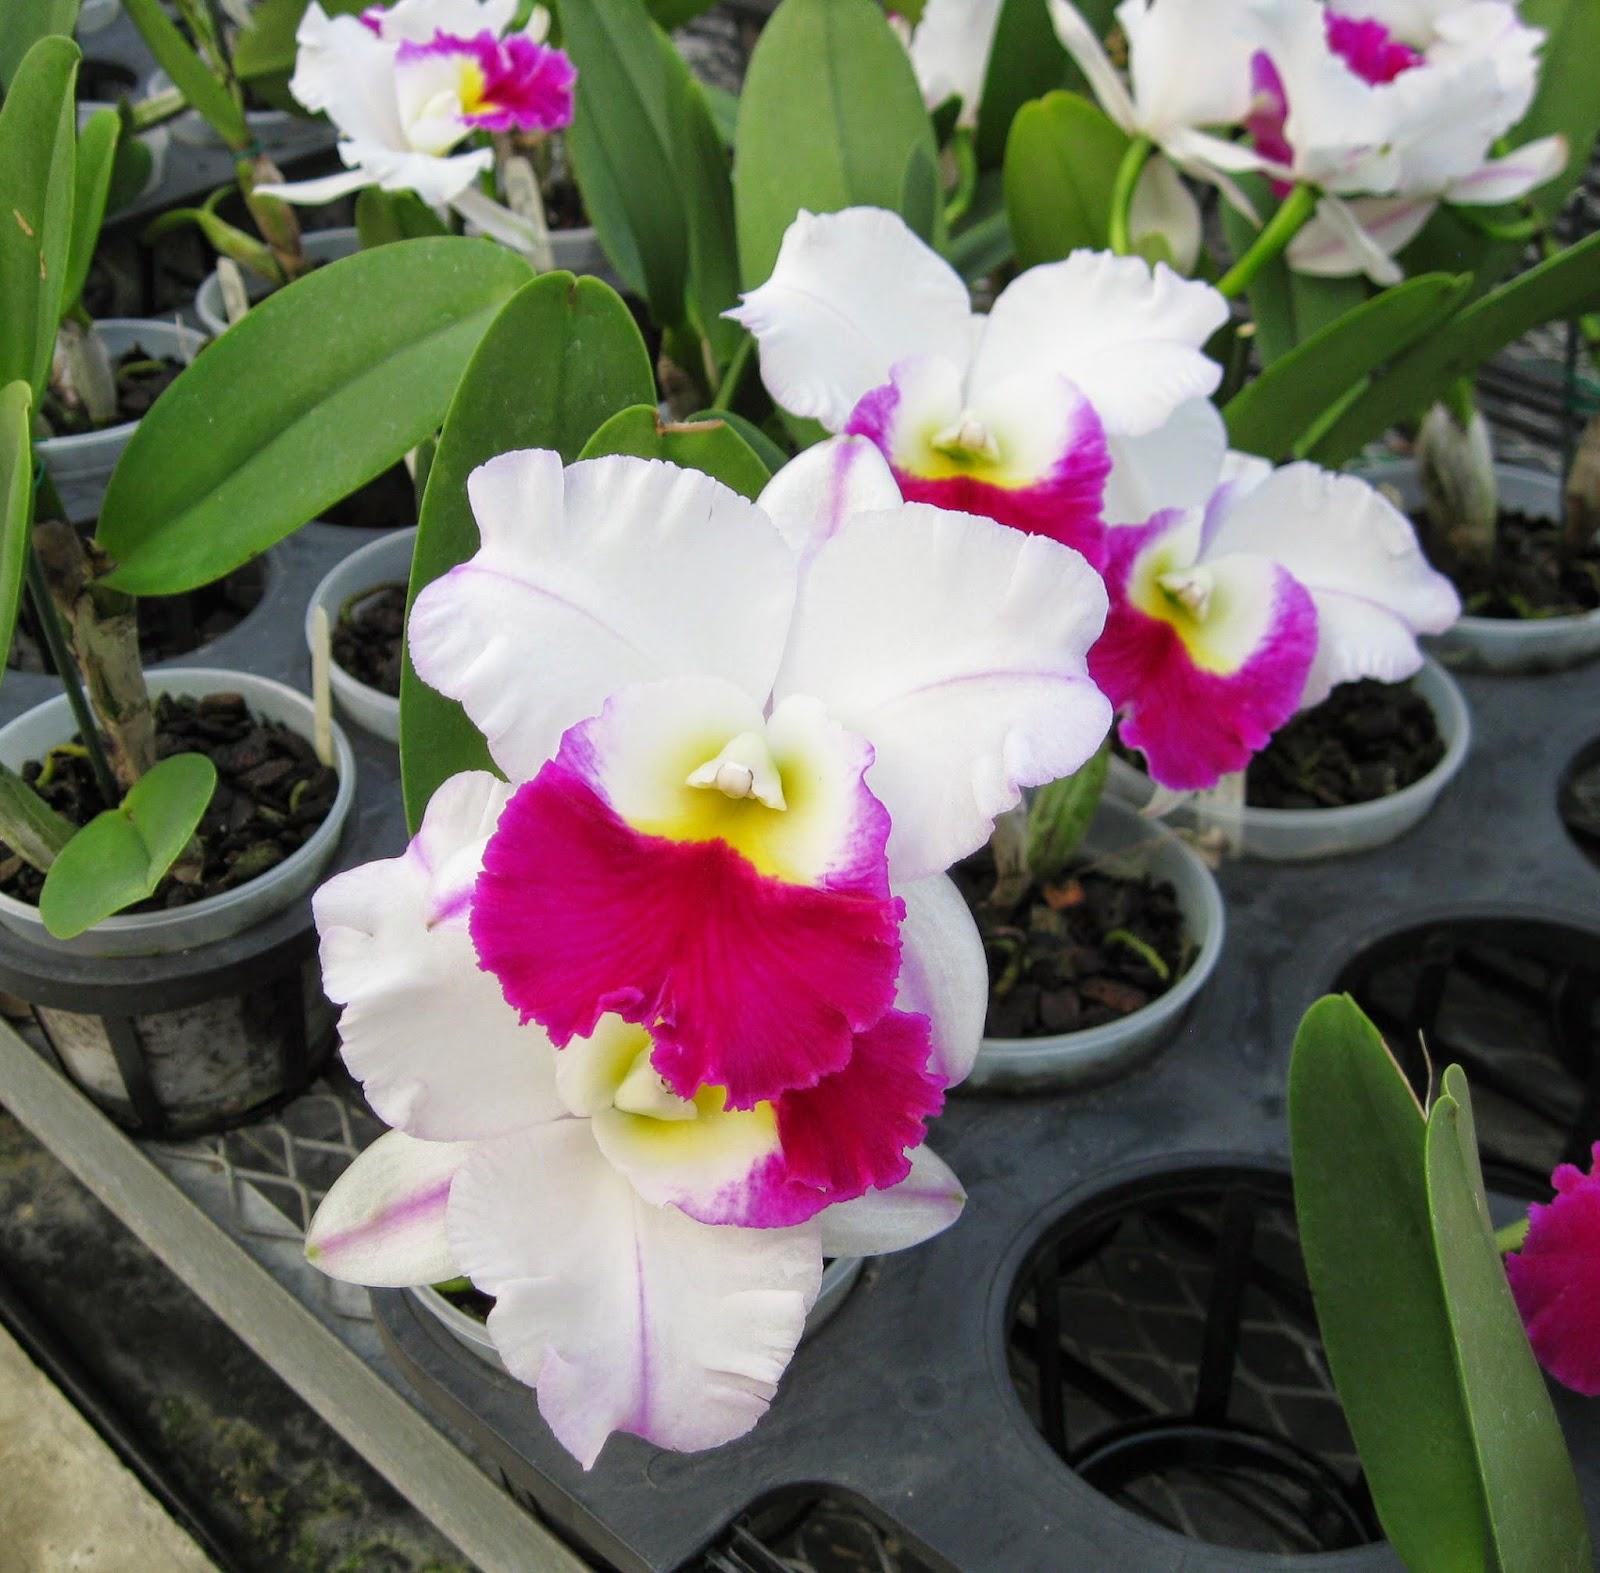 Blc. Mem. Anna Balmores orchid flowers